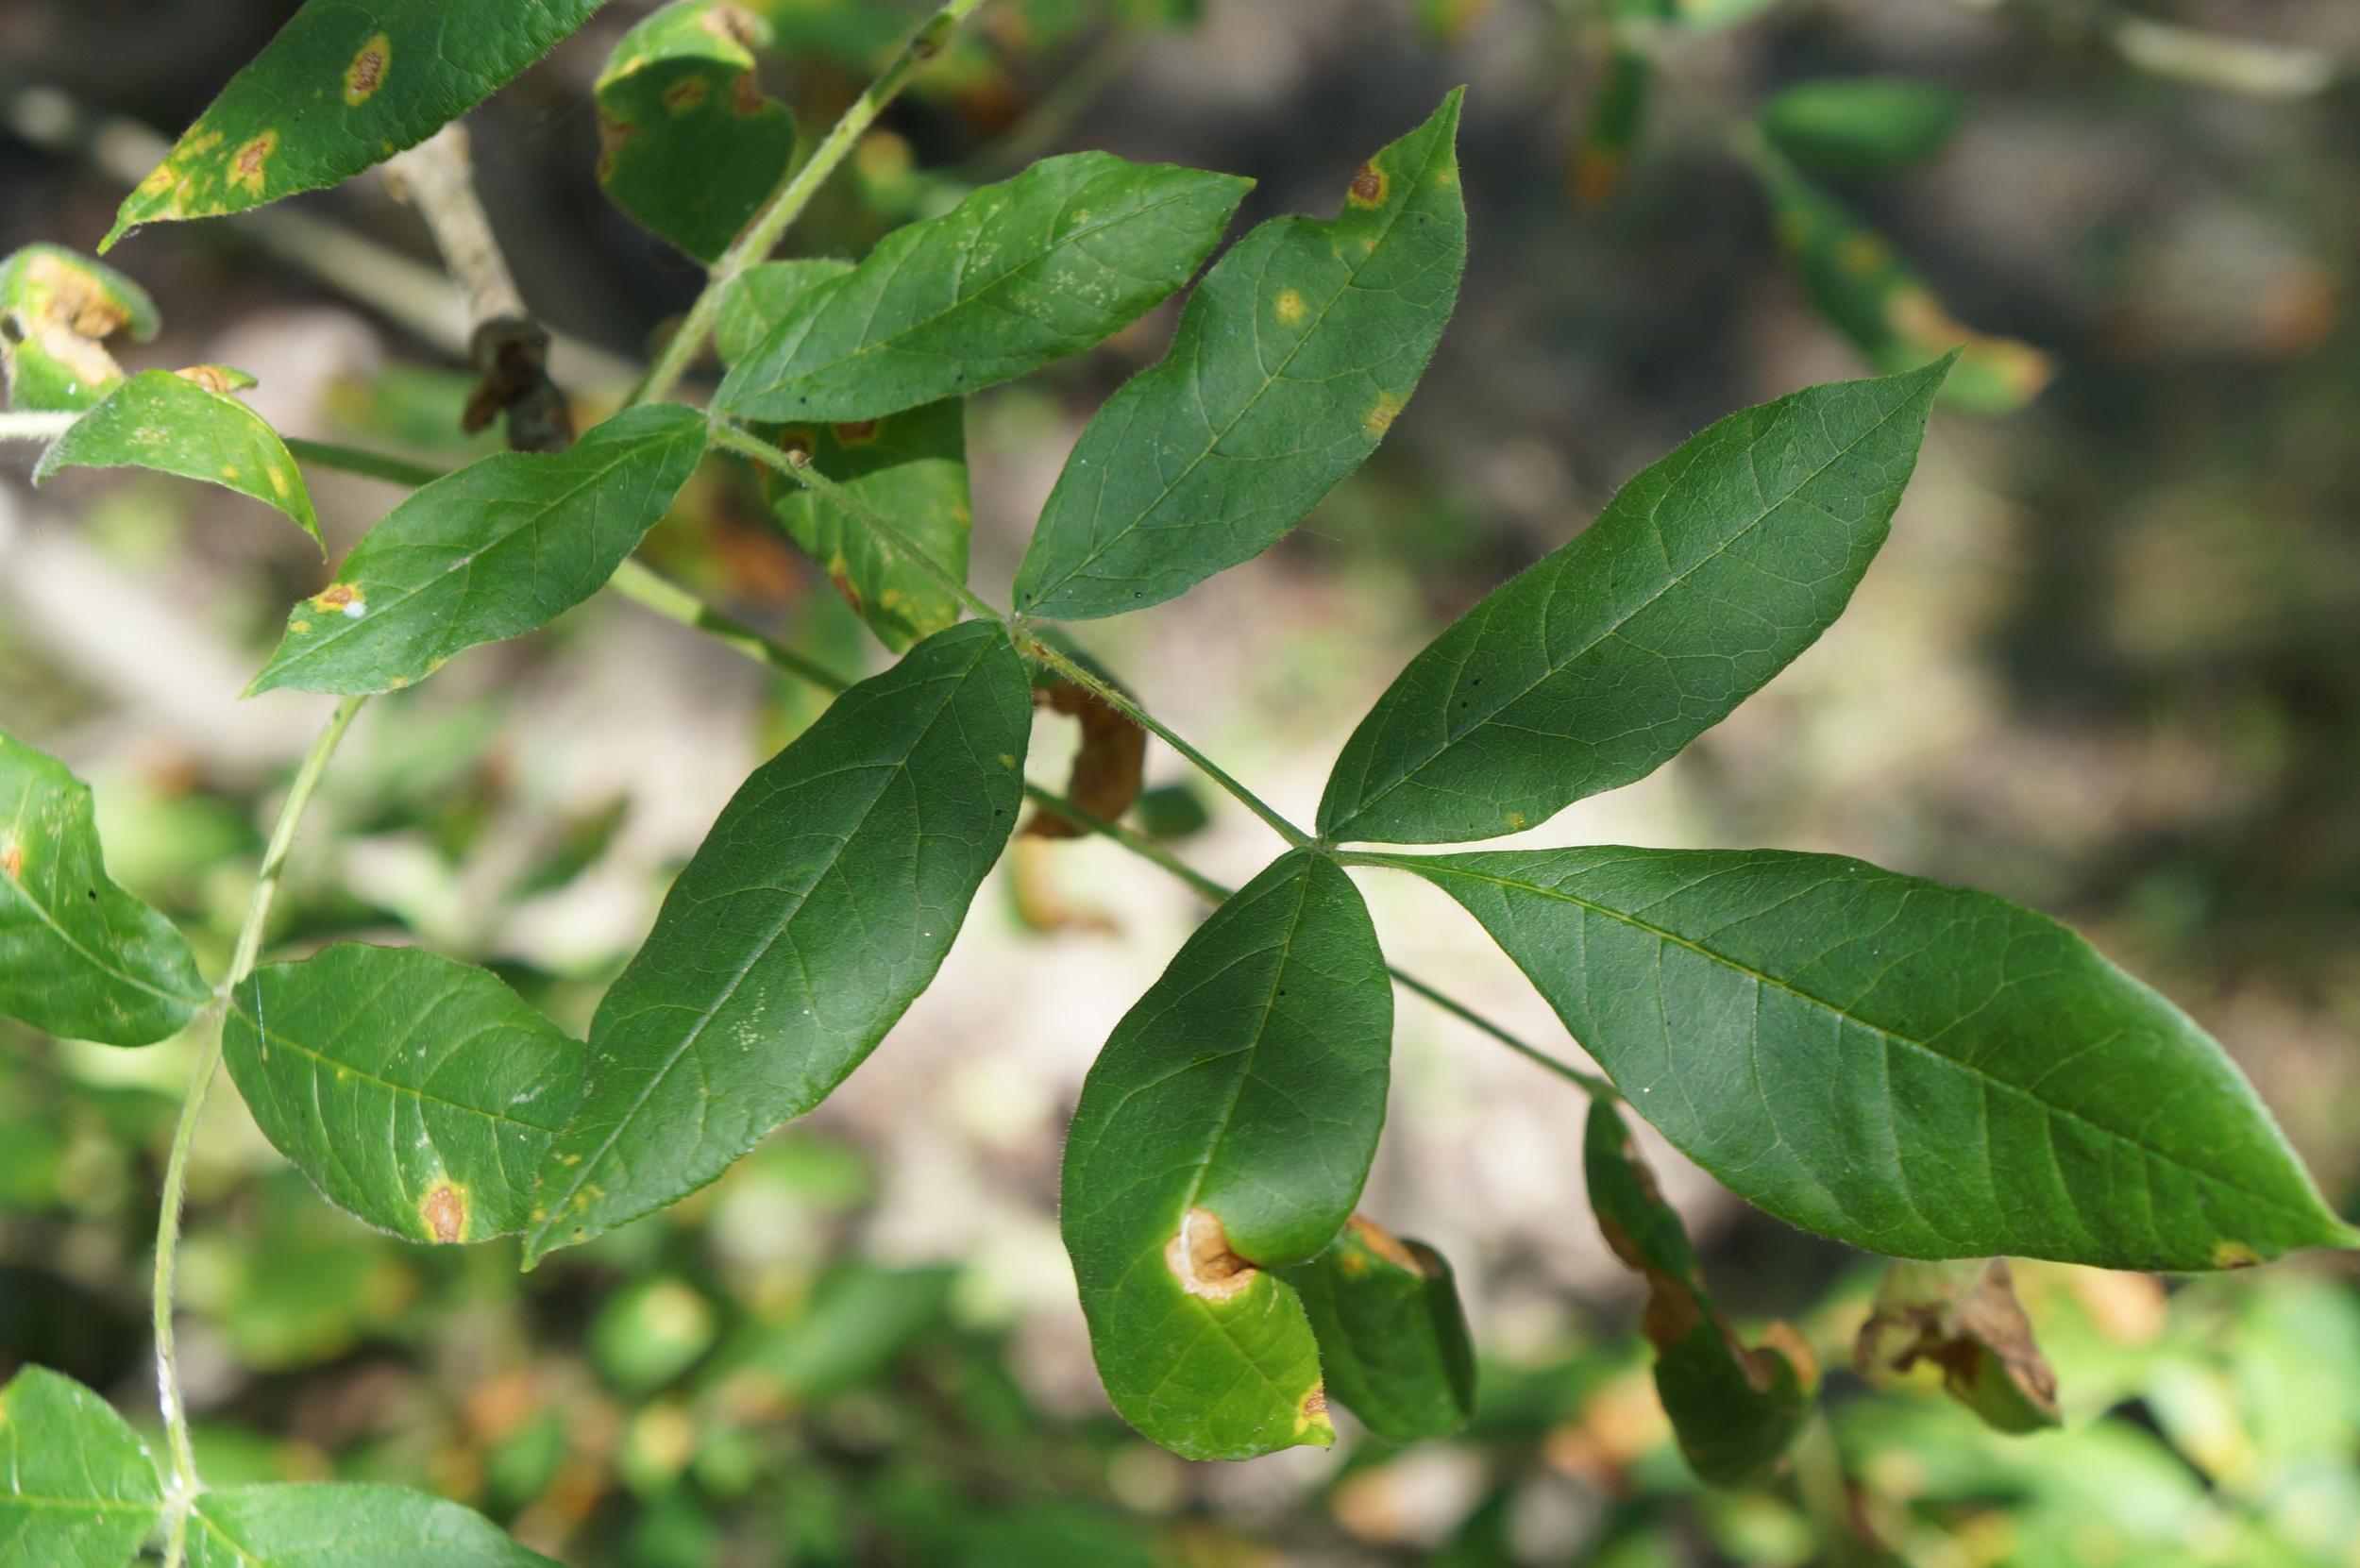 Oregon ash / Fraxinus latifolius